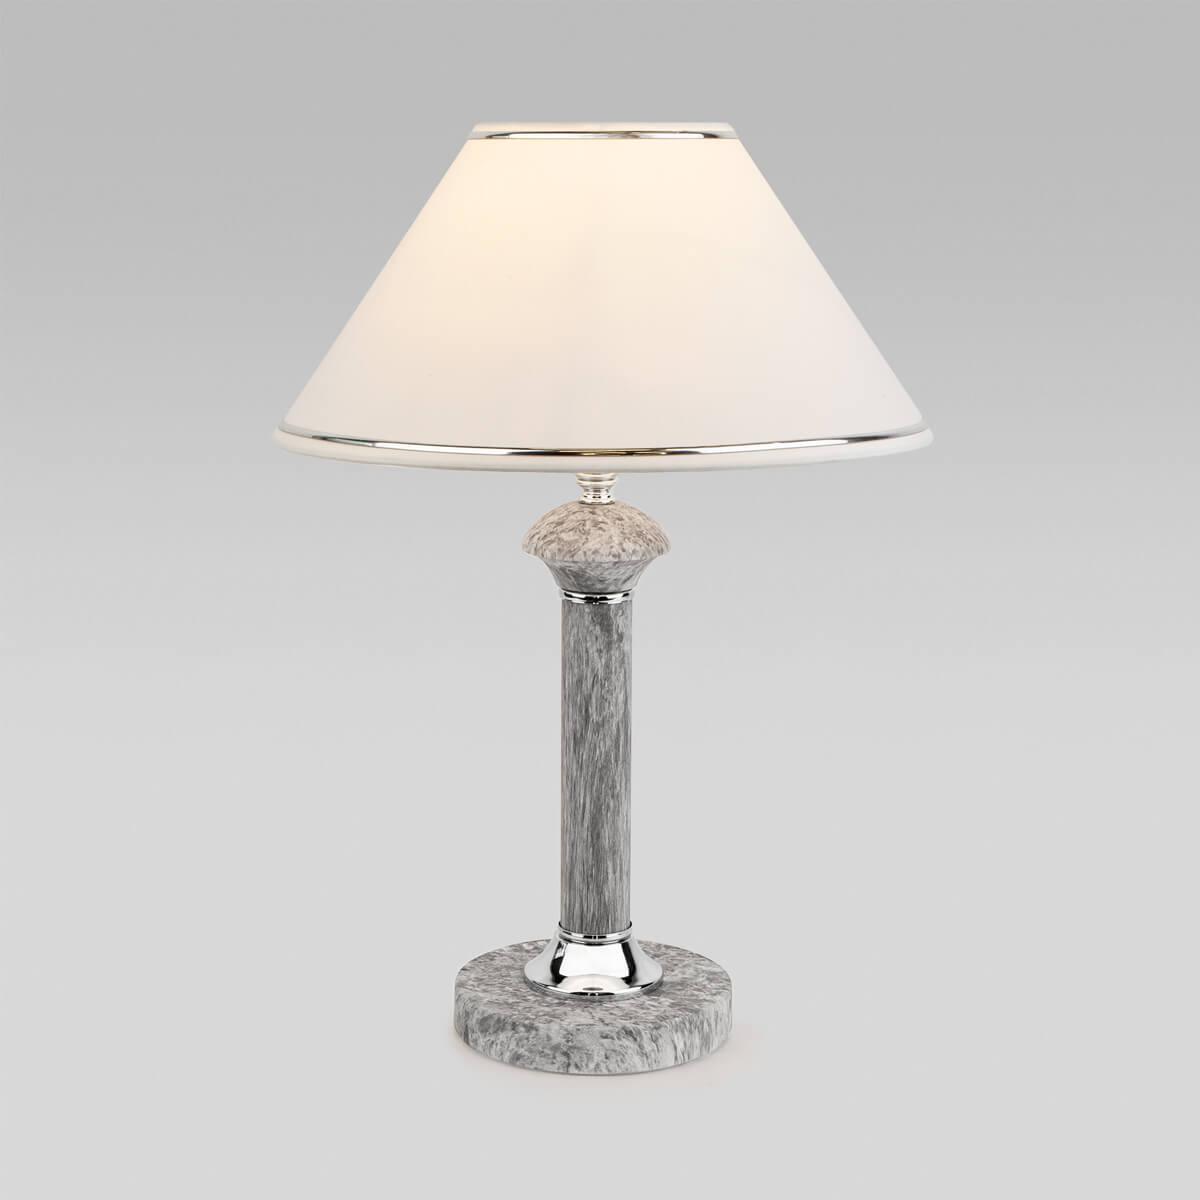 Настольная лампа Eurosvet 60019/1 мрамор Lorenzo настольная лампа eurosvet 60019 1 глянцевый белый 40 вт